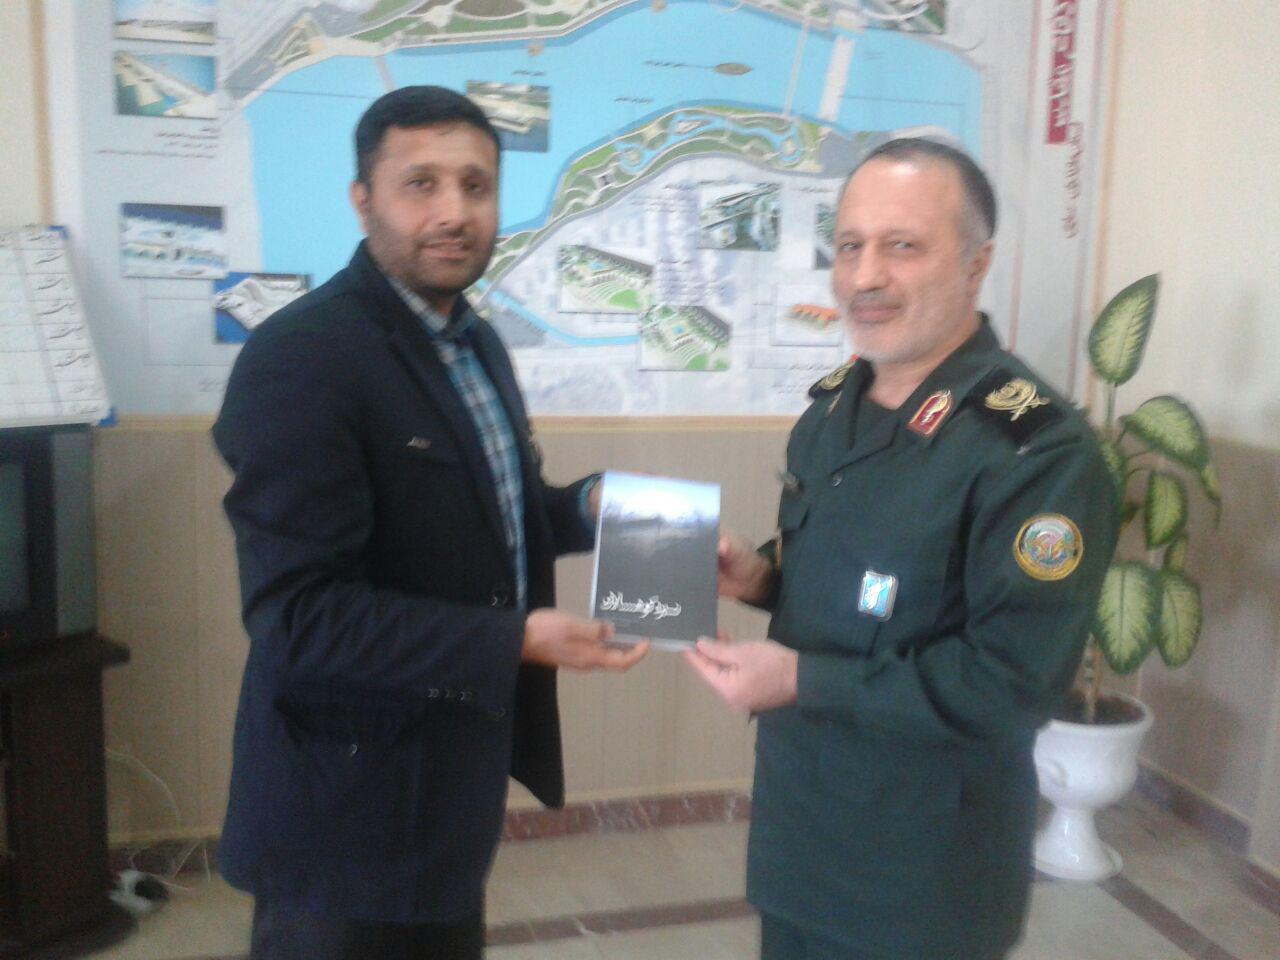 دیدار فرمانده بسیج چهاردانگه با مدیر کل  سازمان نشر و حفظ آثار دفاع مقدس مازندران